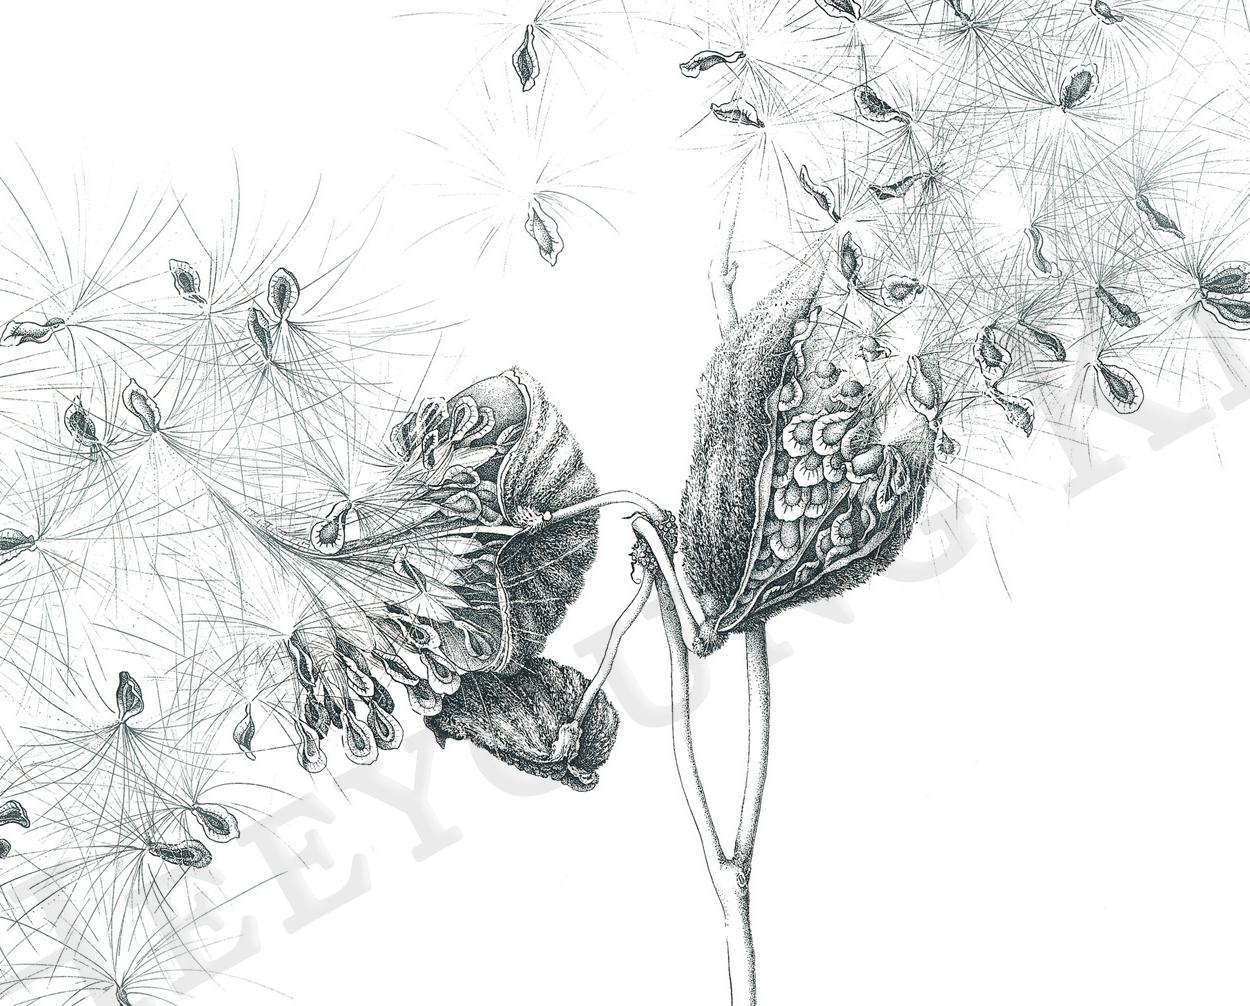 Details of Common Milkweed Seedpods, black pen-and-ink, ©Heeyoung Kim 2019